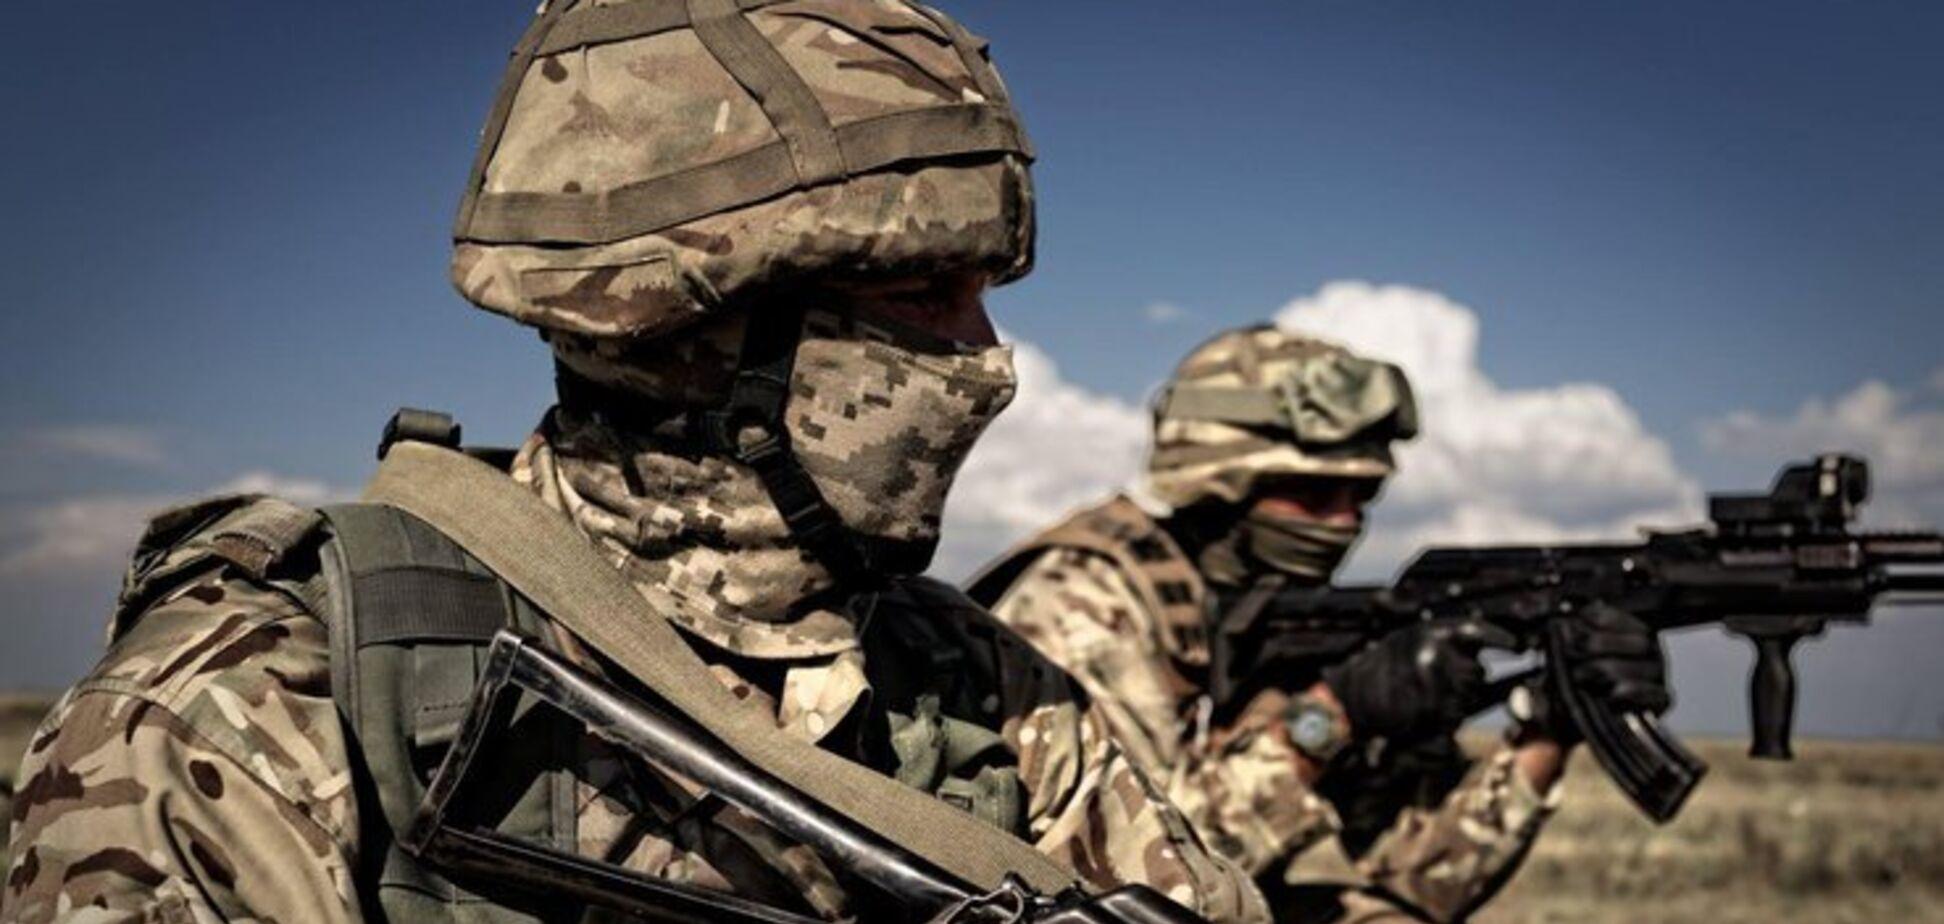 Россия понесла масштабные потери на Донбассе: офицер ВСУ раскрыл подробности